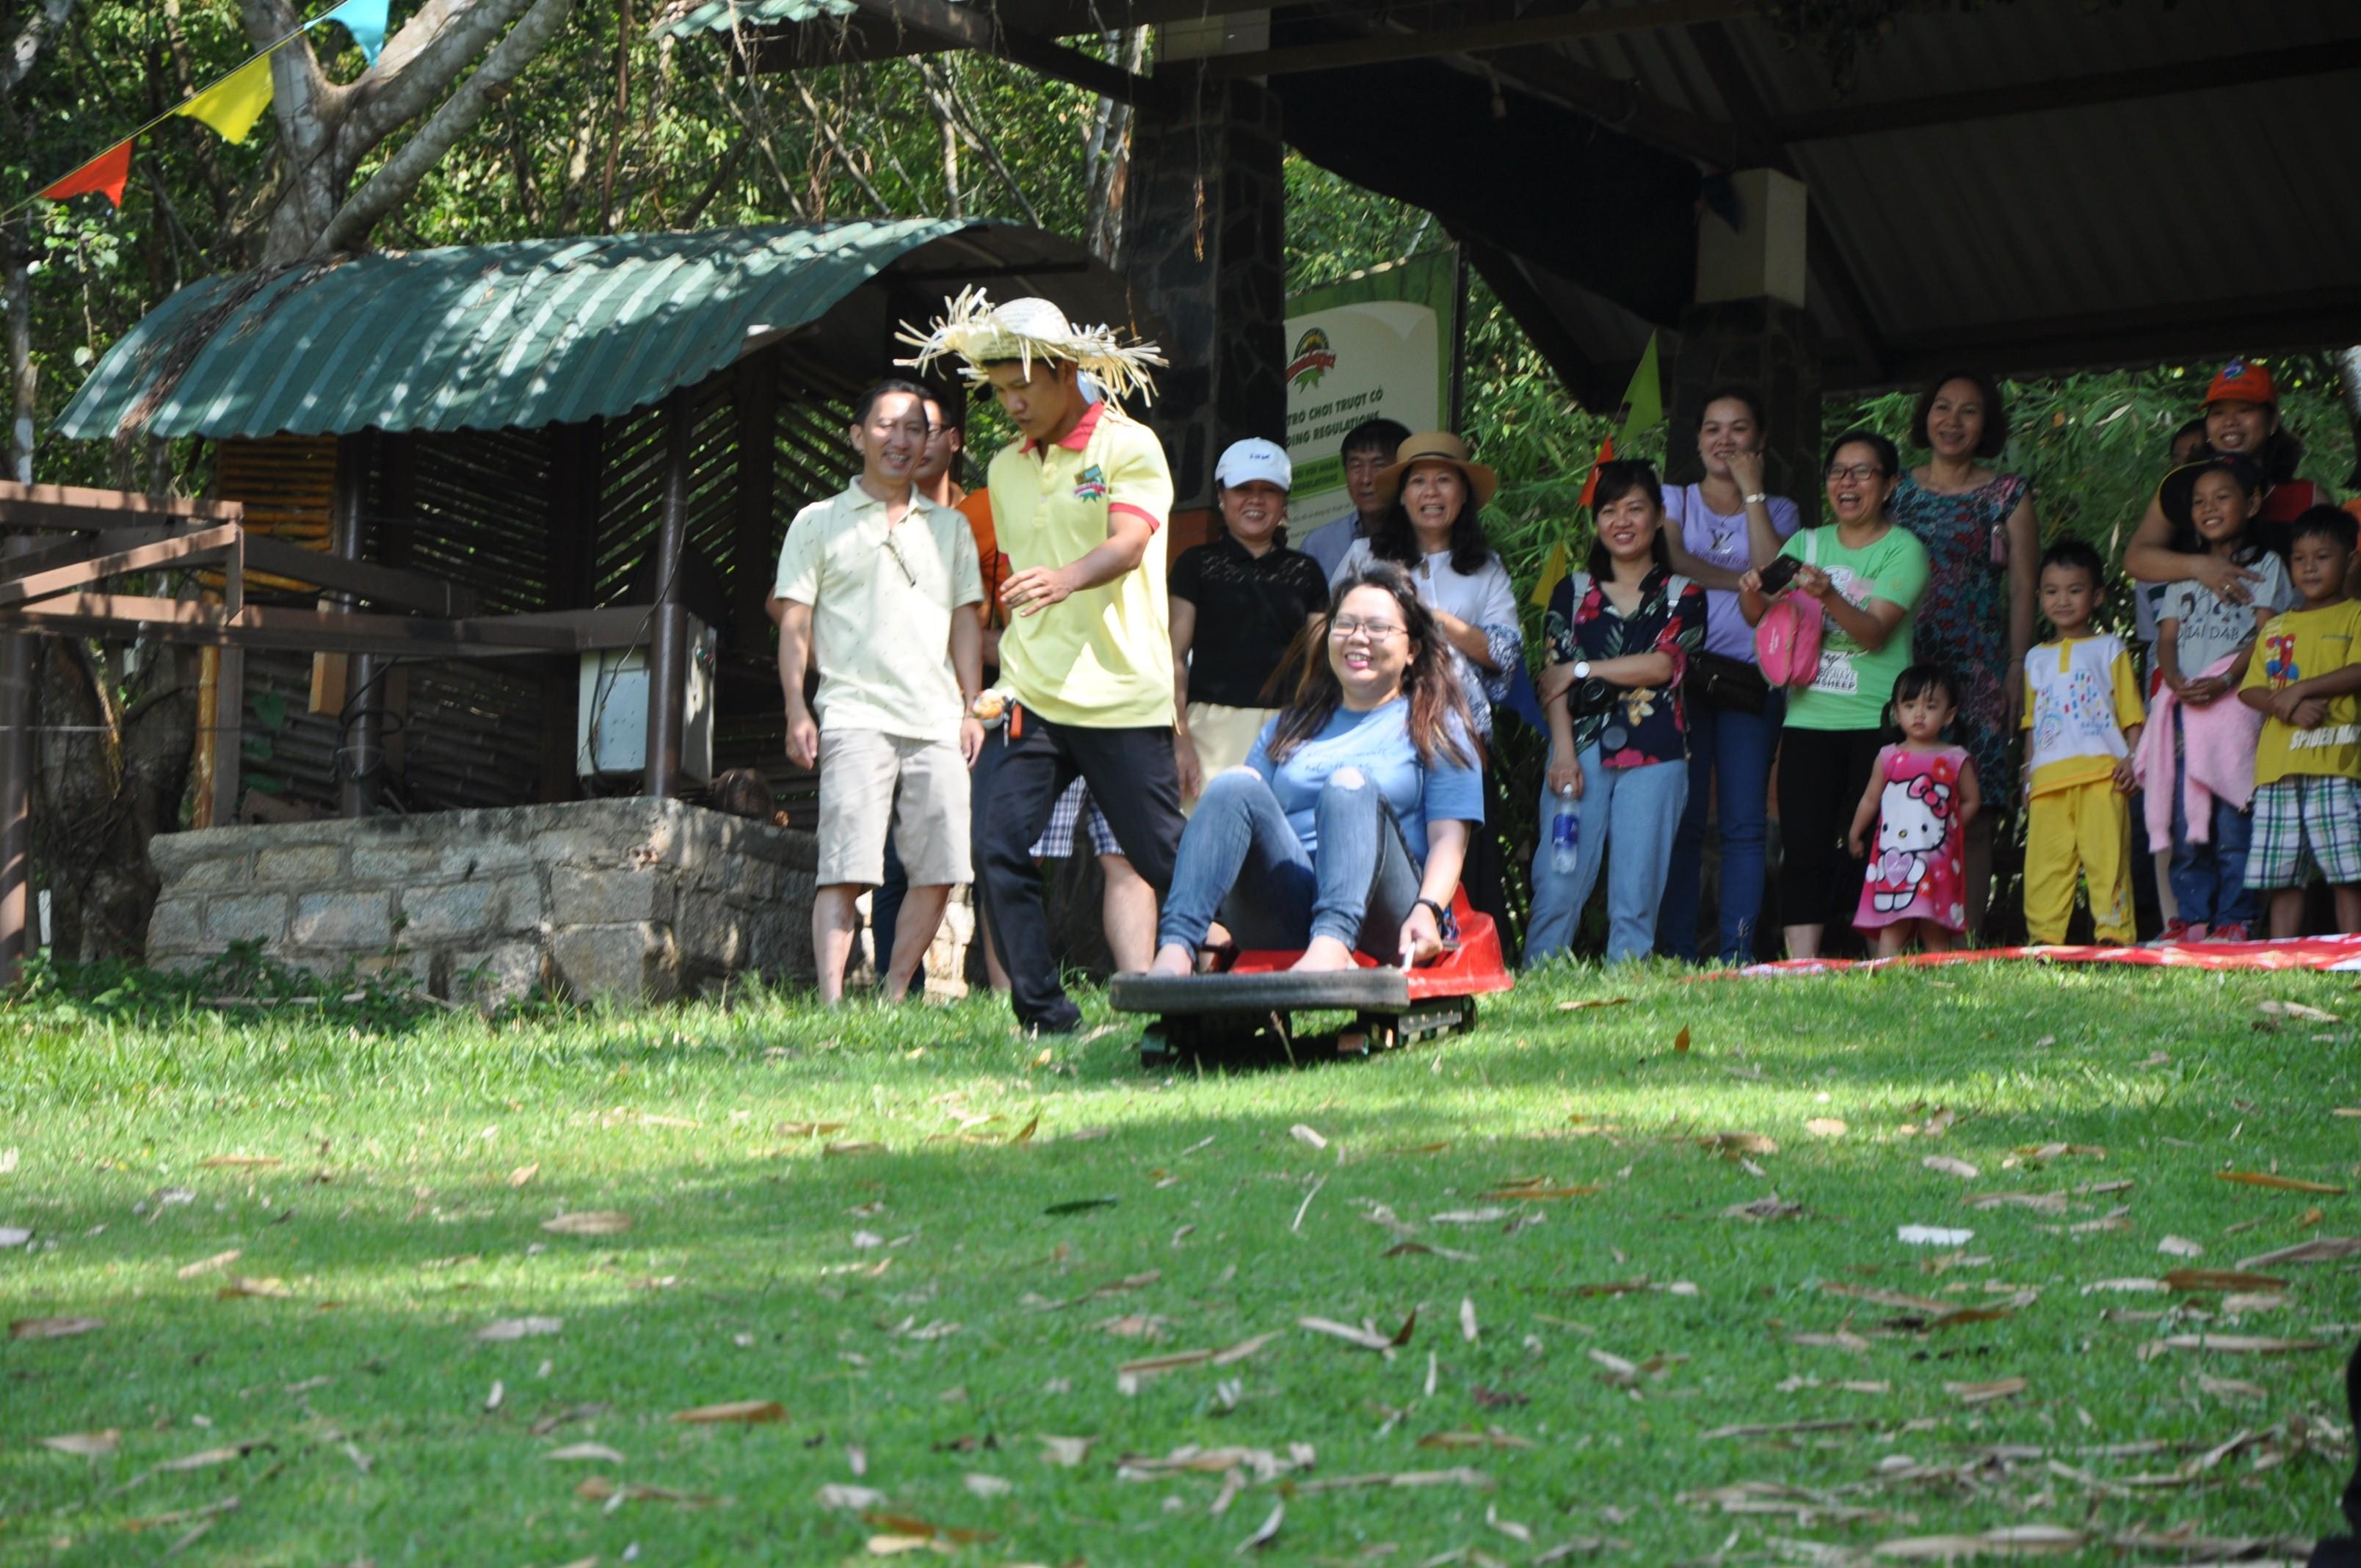 BCH Công đoàn và Chi đoàn Thanh niên Quỹ Đầu tư phát triển phối hợp tổ chức chuyến tham quan kết hợp teambuilding cho CBVC đơn vị tại Khu du lịch Madagui (tỉnh Lâm Đồng)